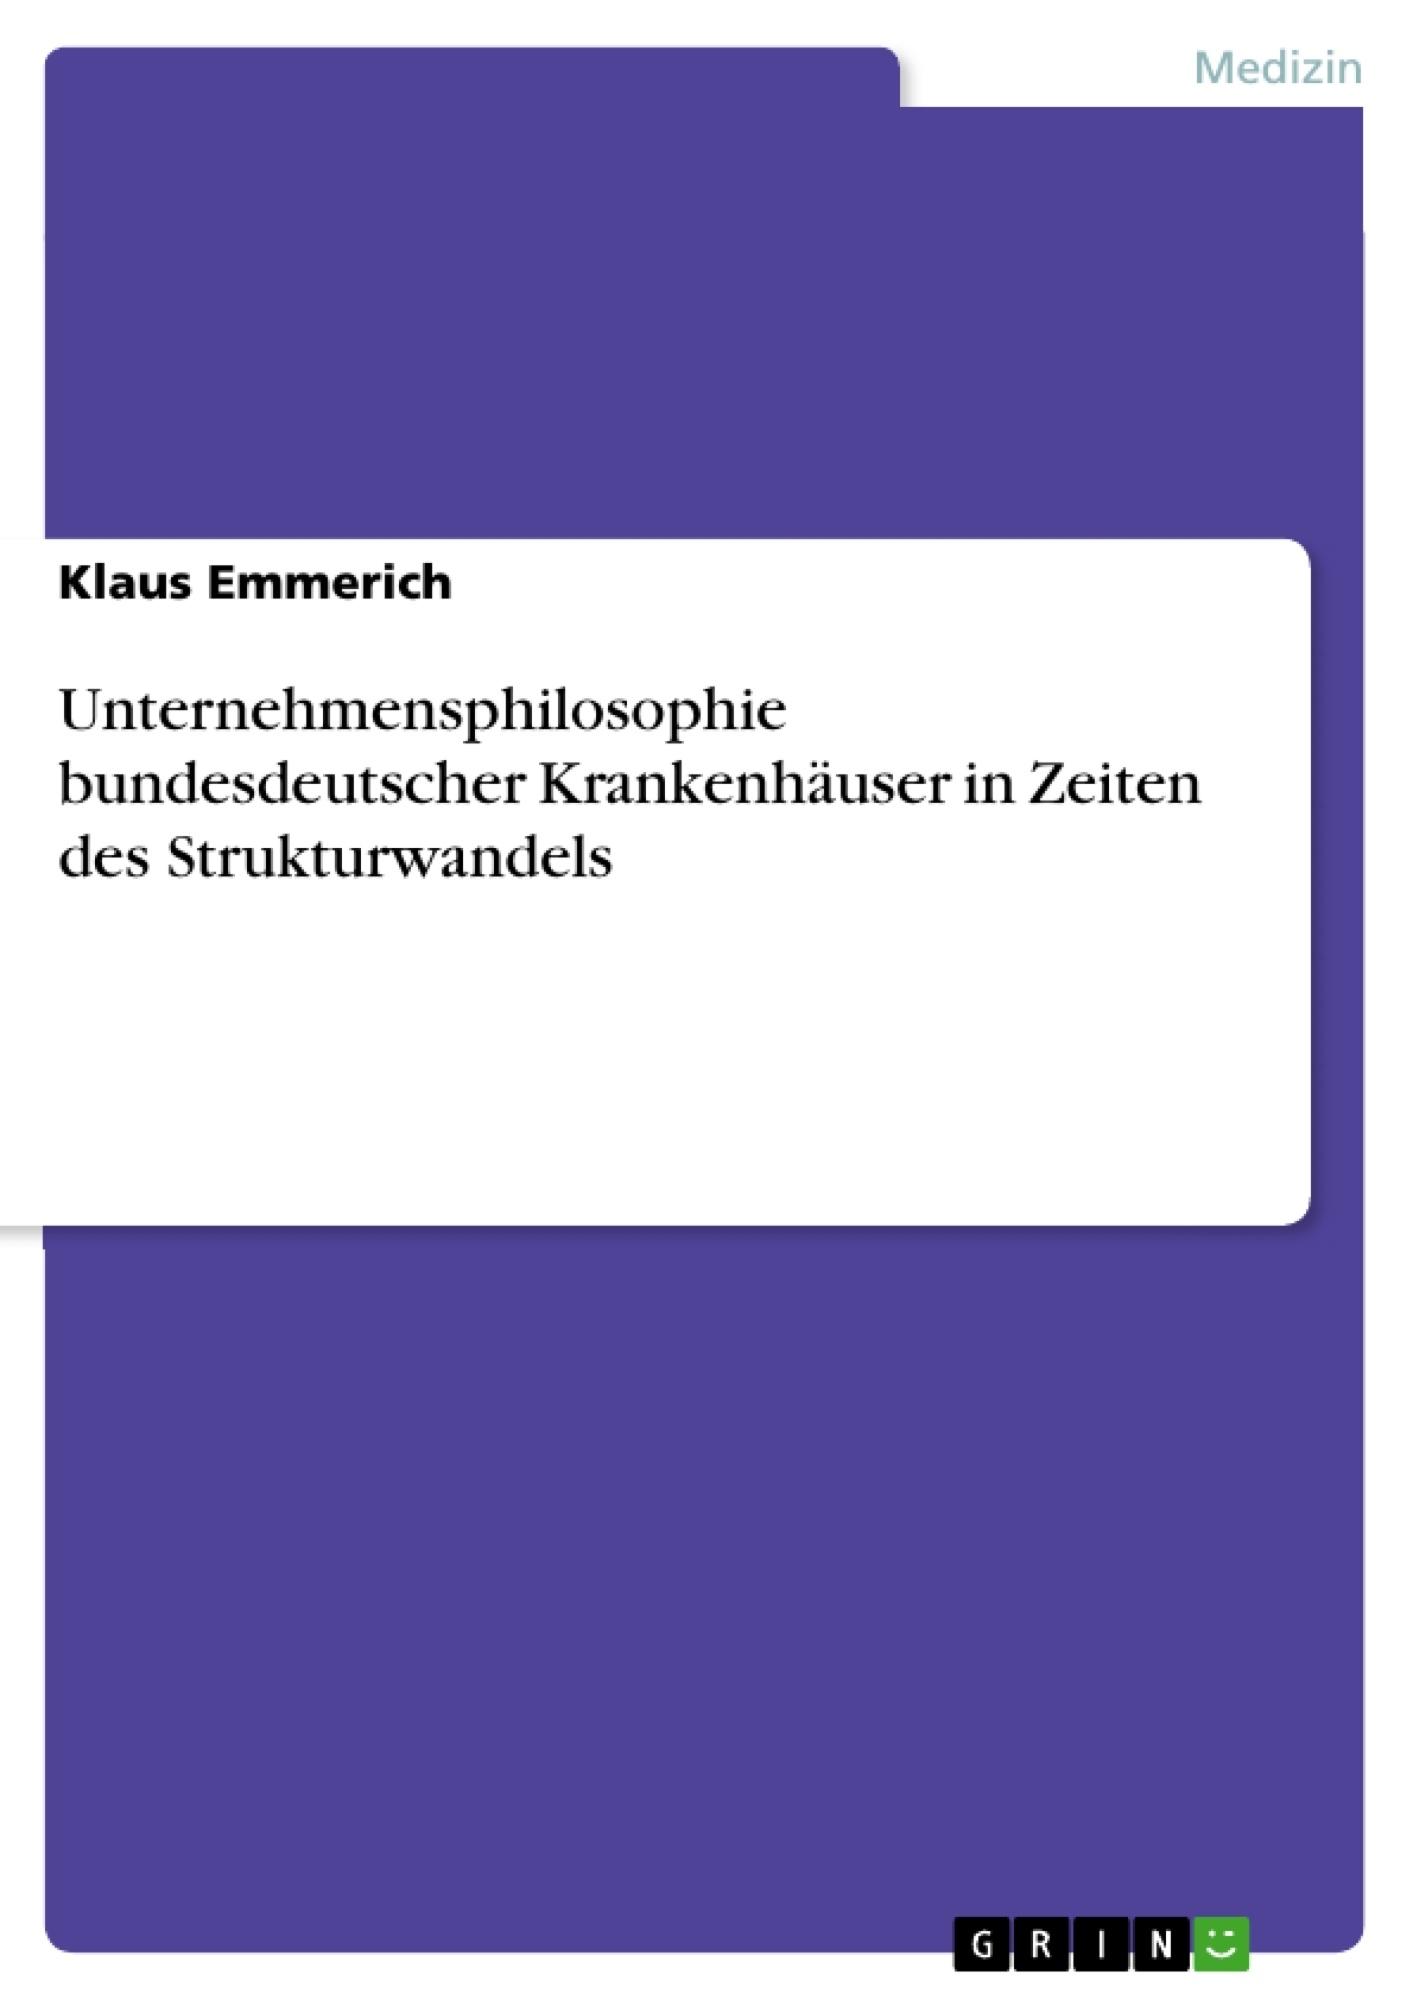 Titel: Unternehmensphilosophie bundesdeutscher Krankenhäuser in Zeiten des Strukturwandels